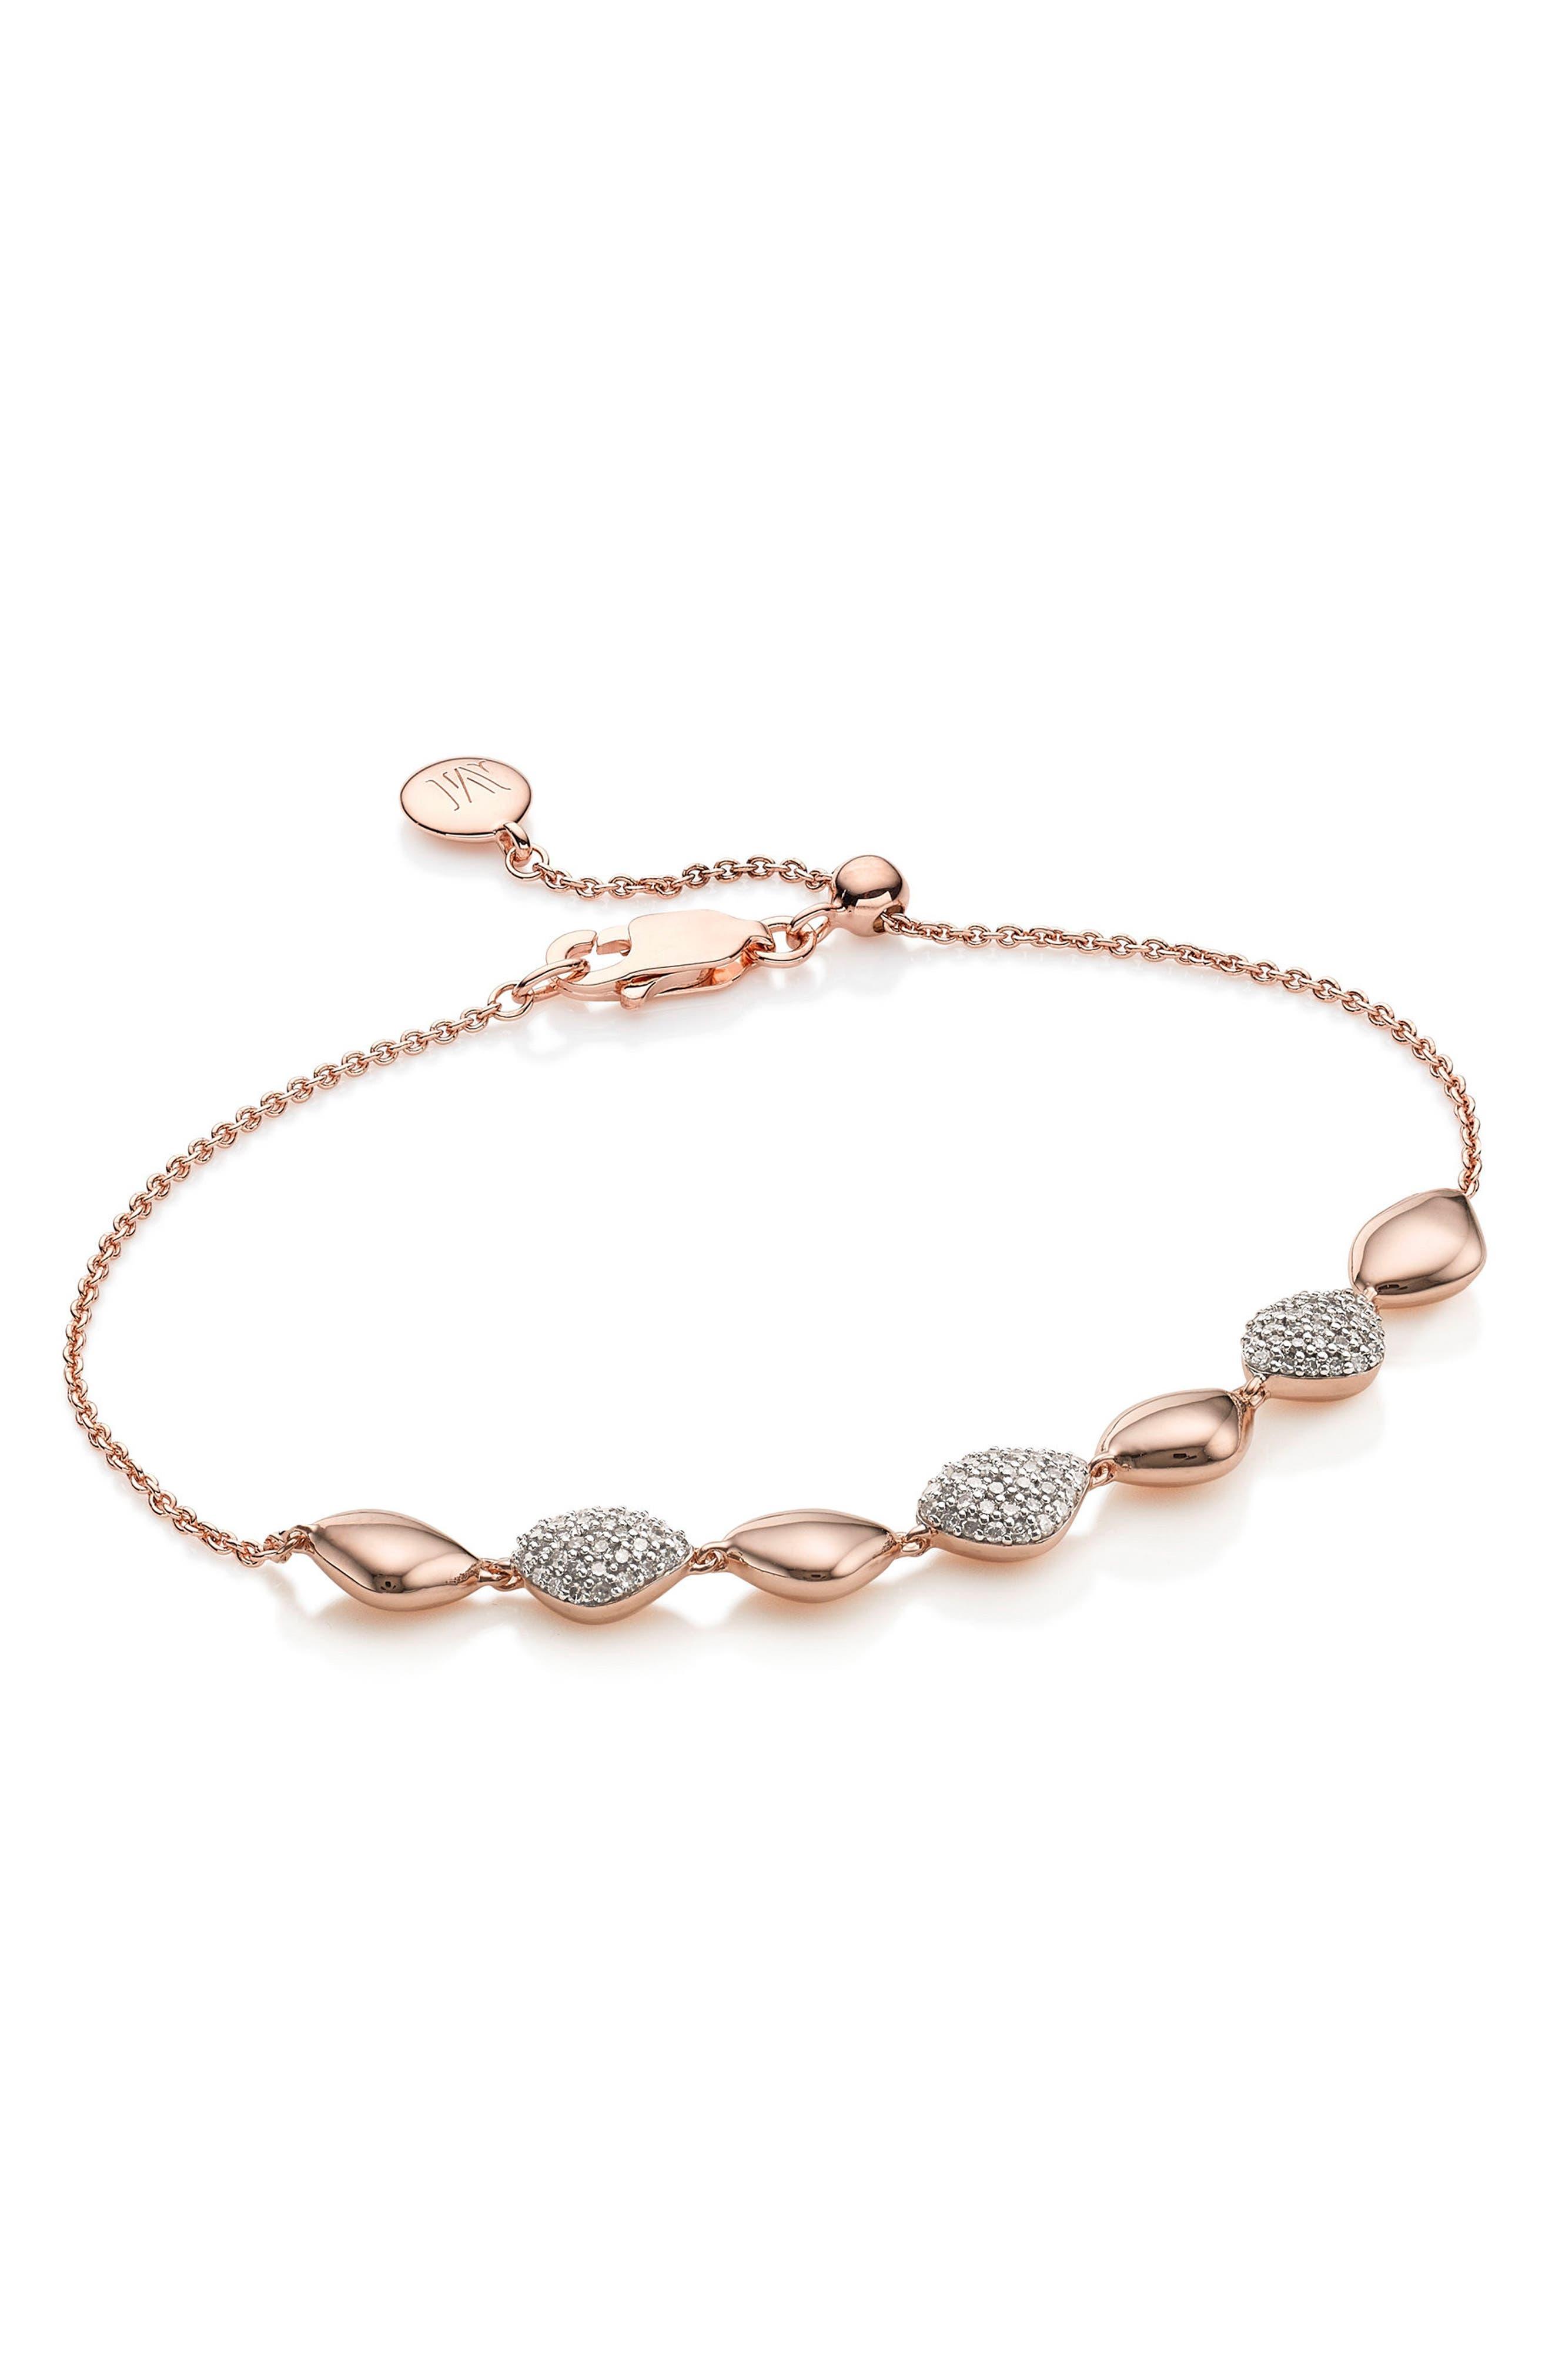 Nura Teardrop Diamond Bracelet,                         Main,                         color, ROSE GOLD/ DIAMOND